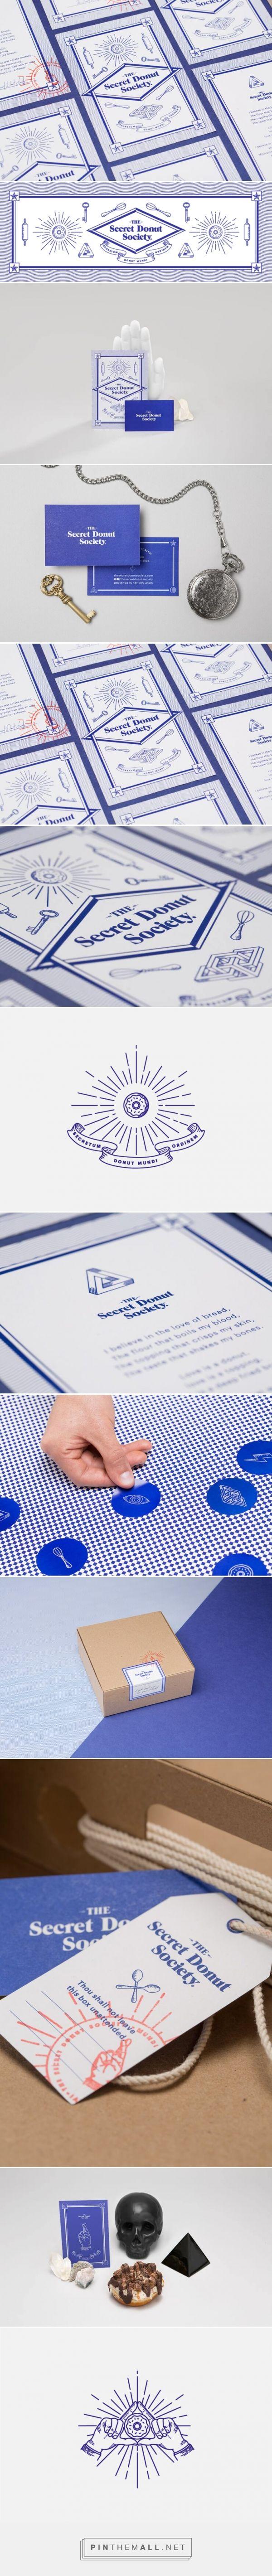 Branding Concept: The Secret Donut Society